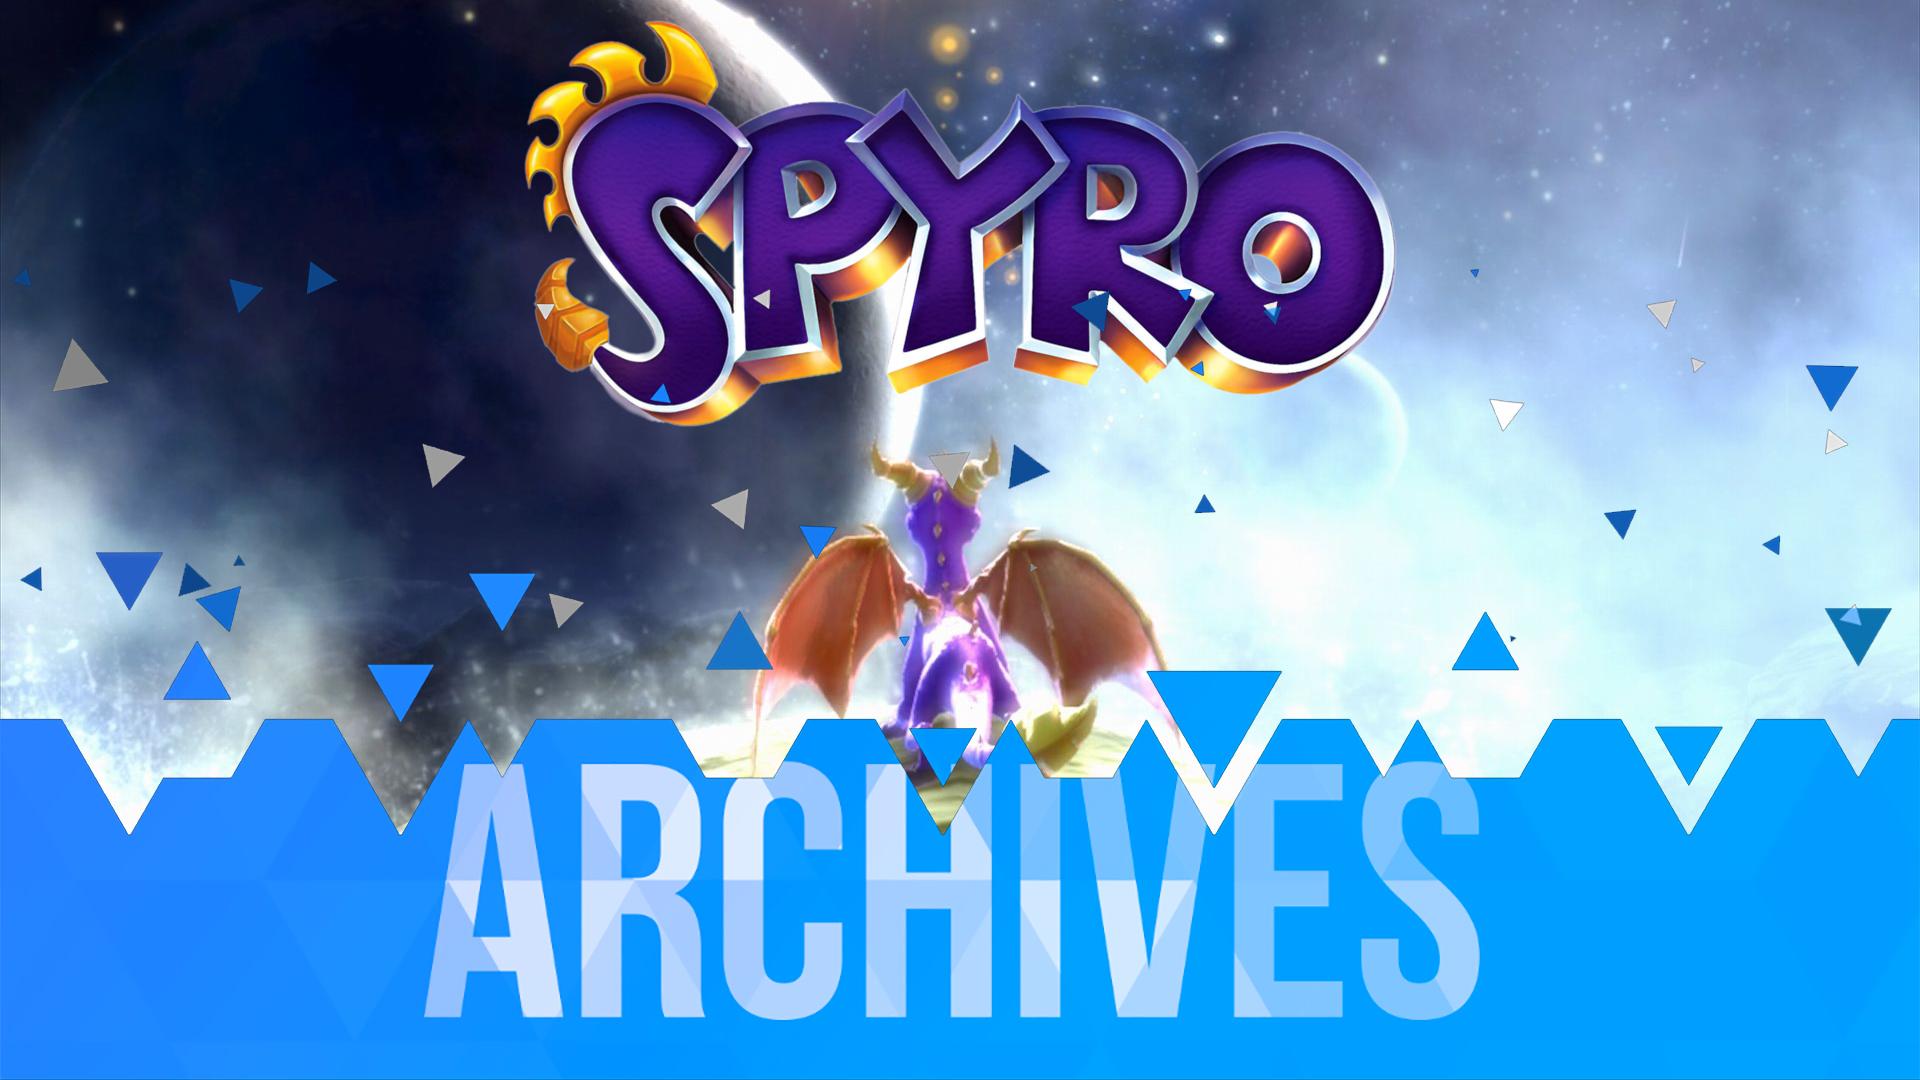 Les Archives de la Licence Spyro